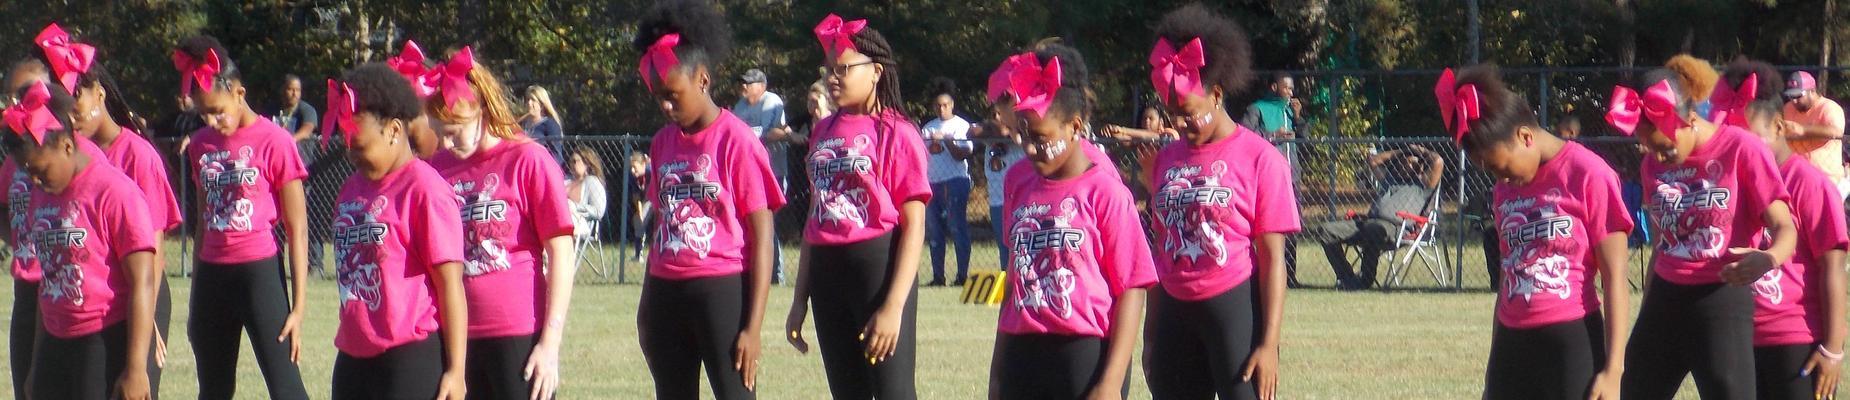 cheerleaders at NCMS